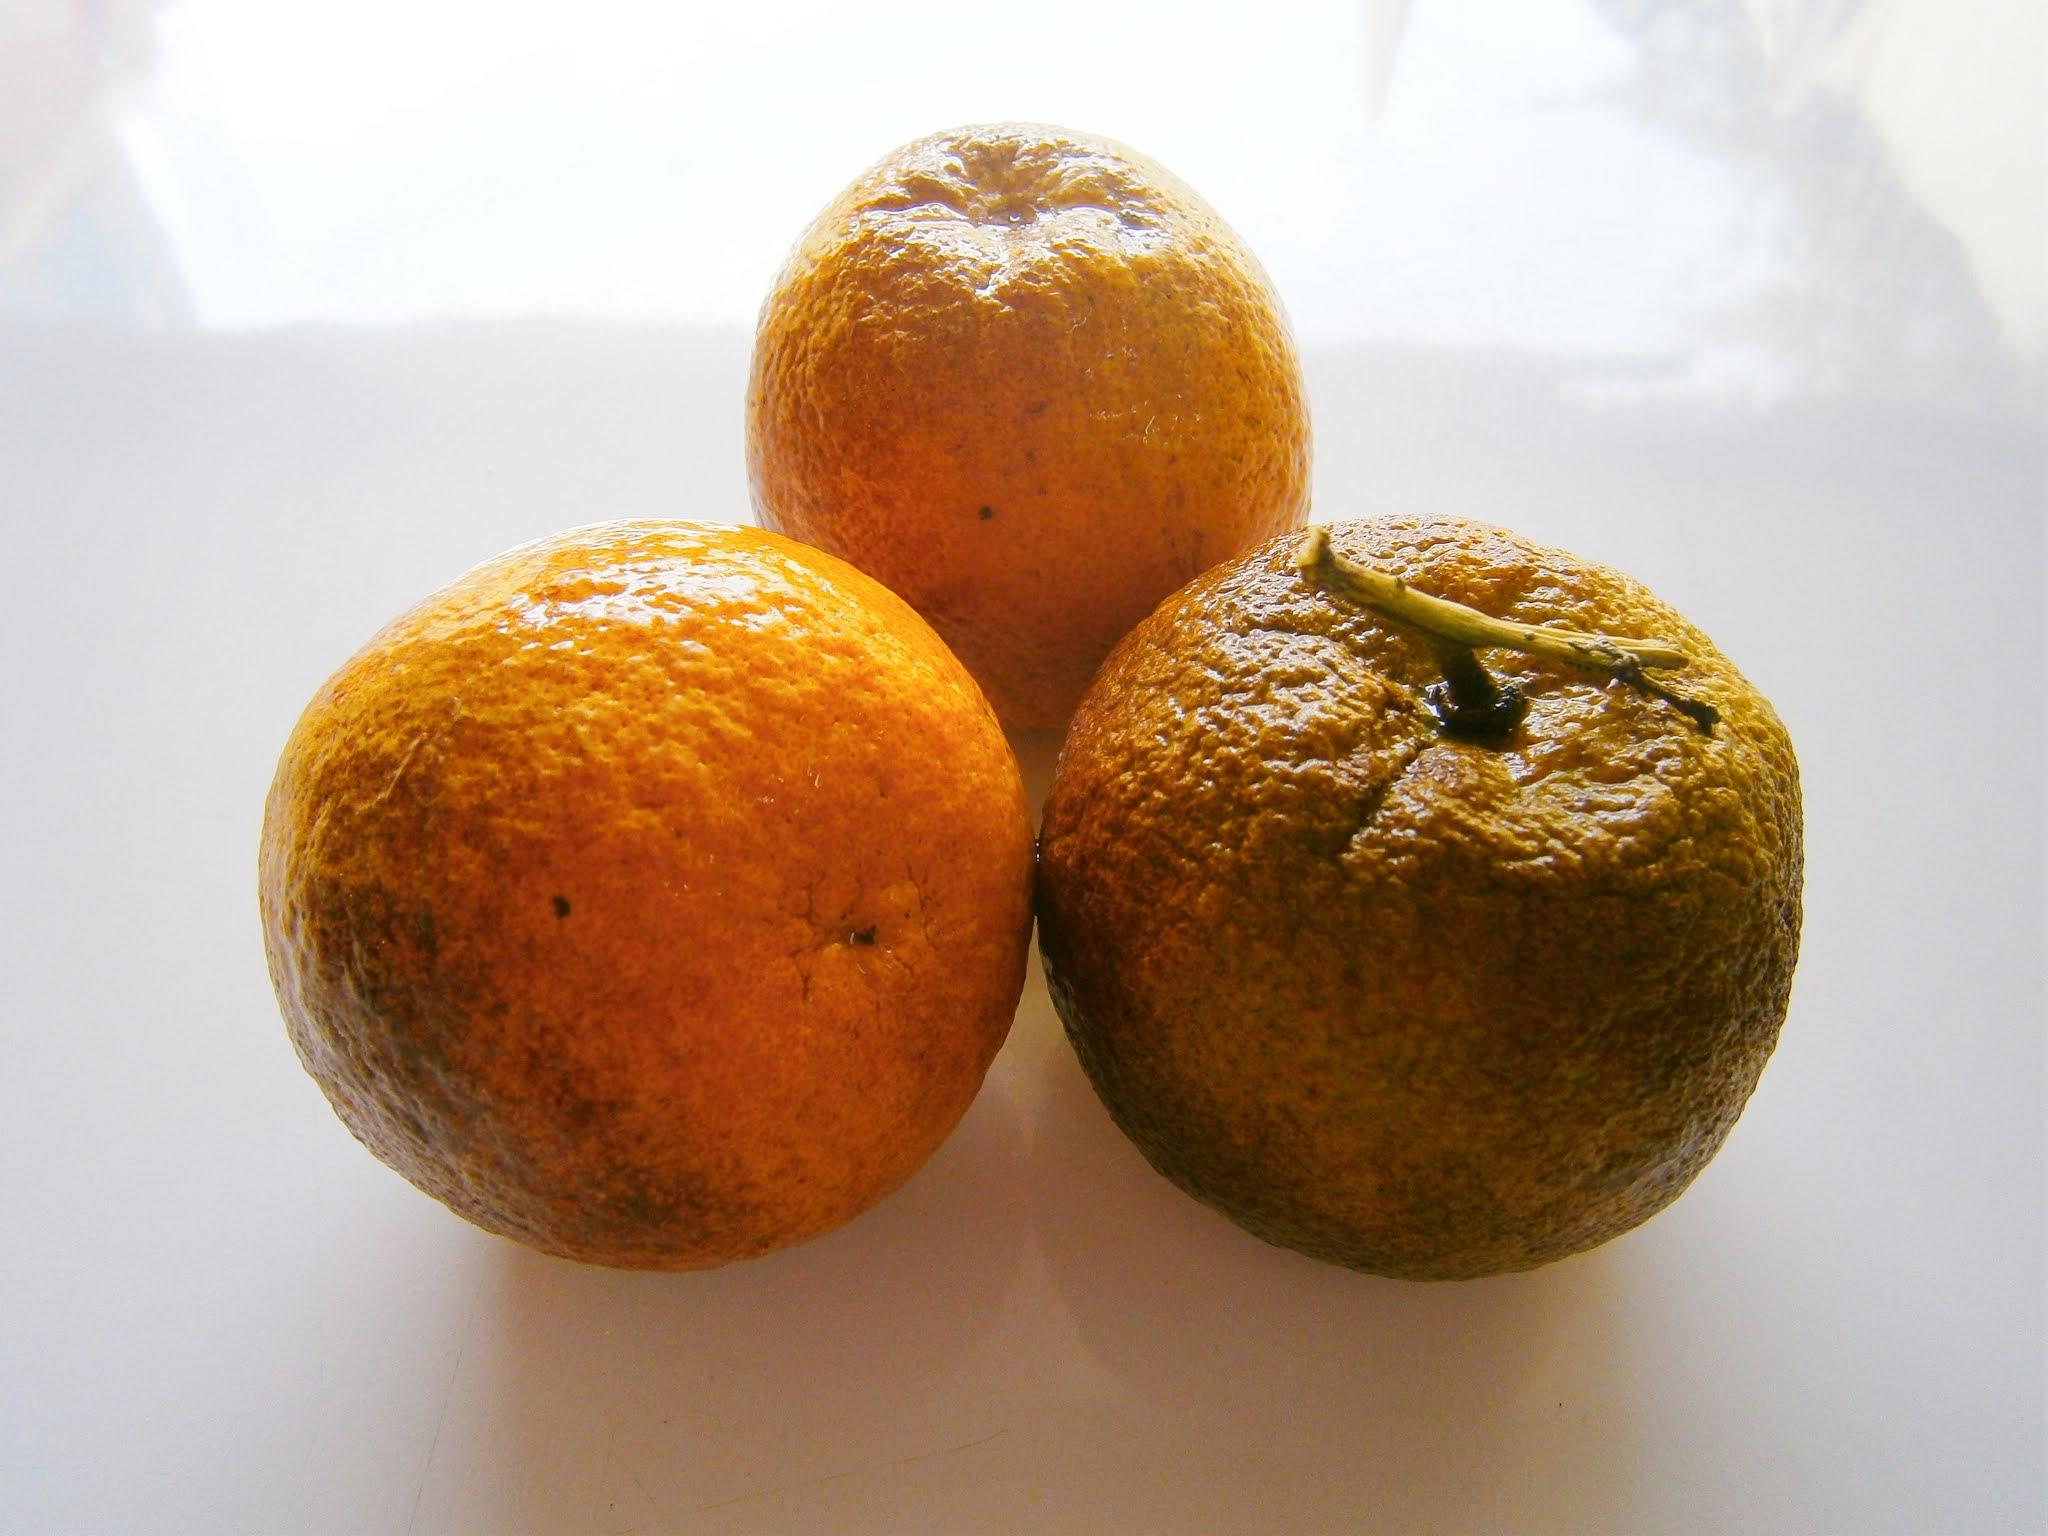 Naranjas frescas y bien hermosas puestas sobre un fondo de color blanco